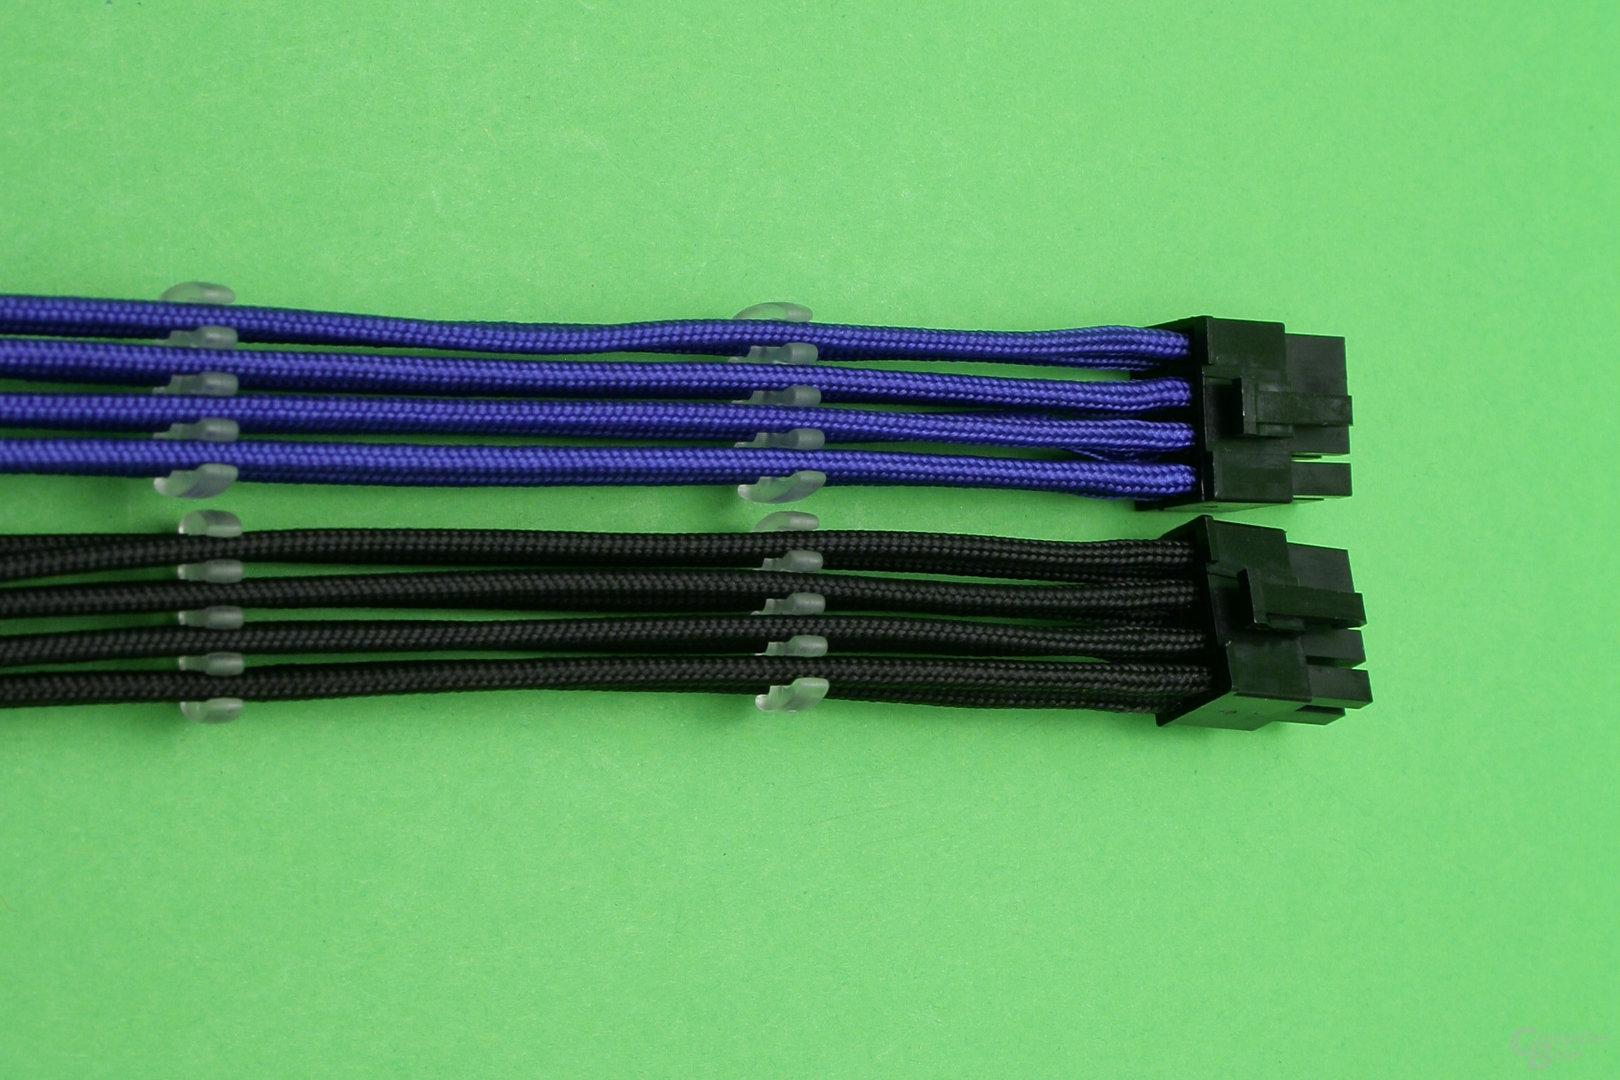 CableMod PCIe-Anschlusskabel mit Kabelkämmen